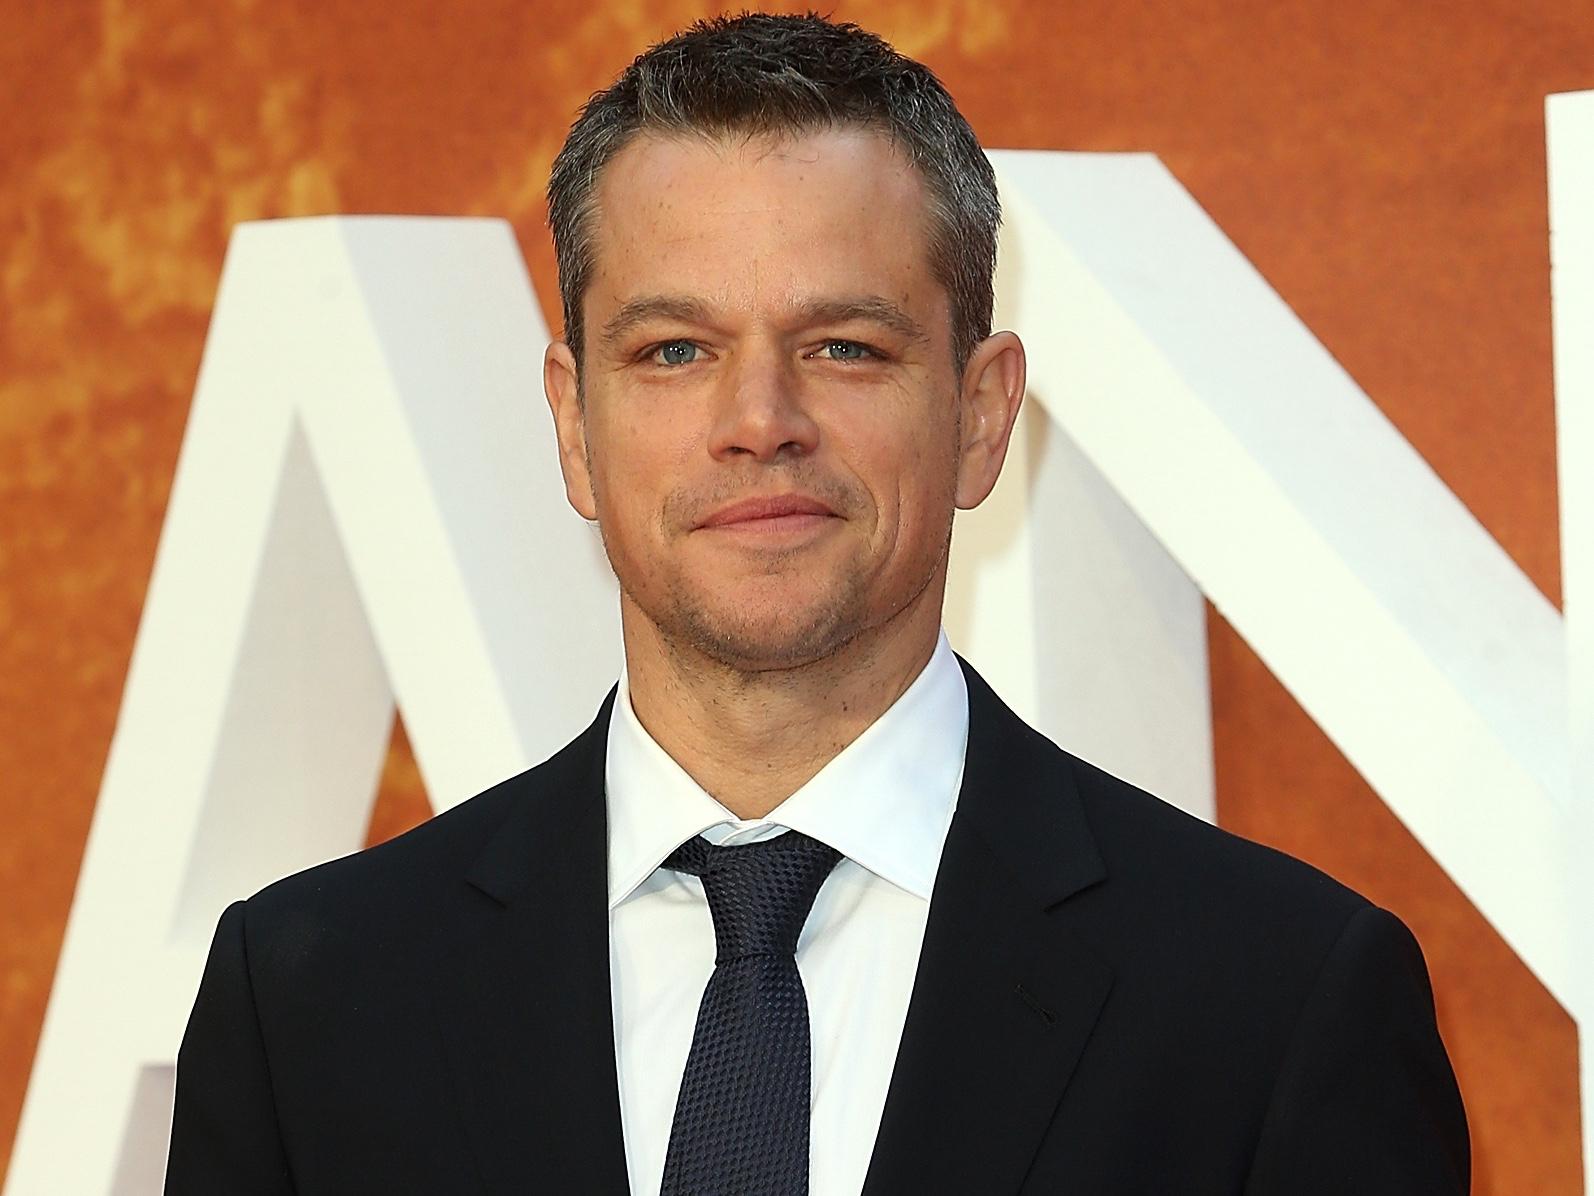 Smart Matt Damon Is Hot Matt Damon Fivethirtyeight